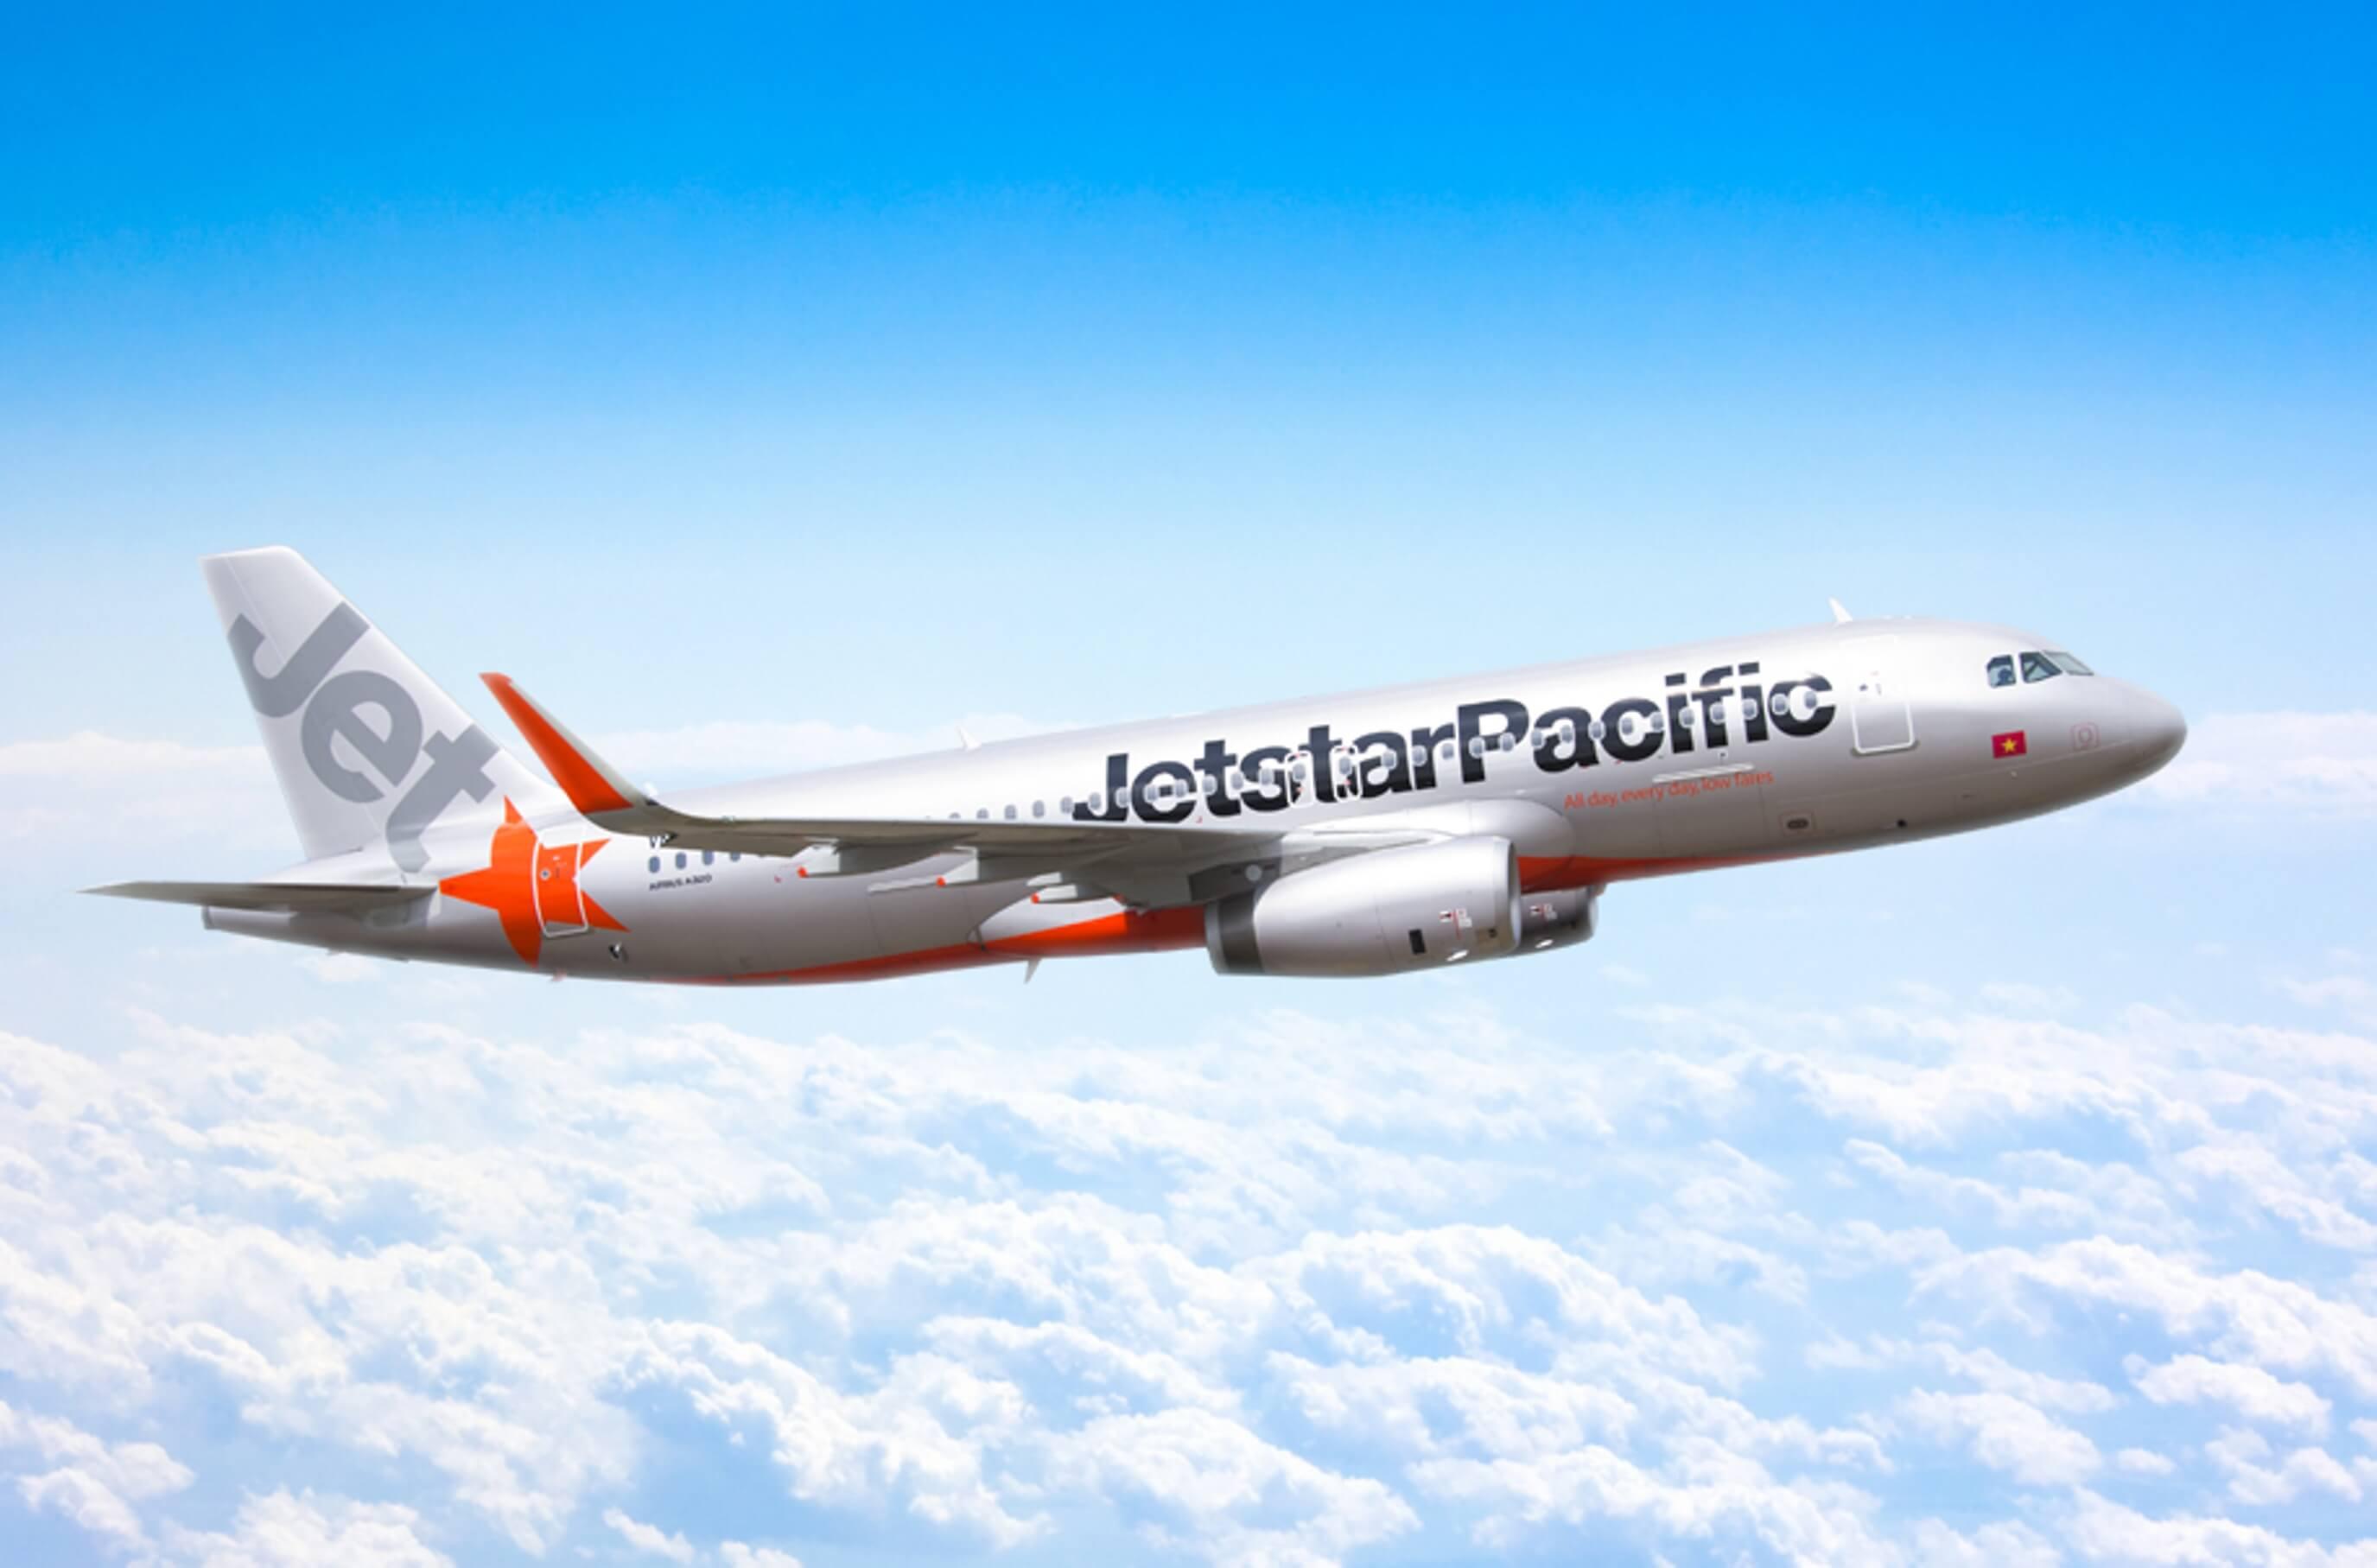 quảng cáo trên máy bay jetstar pacific